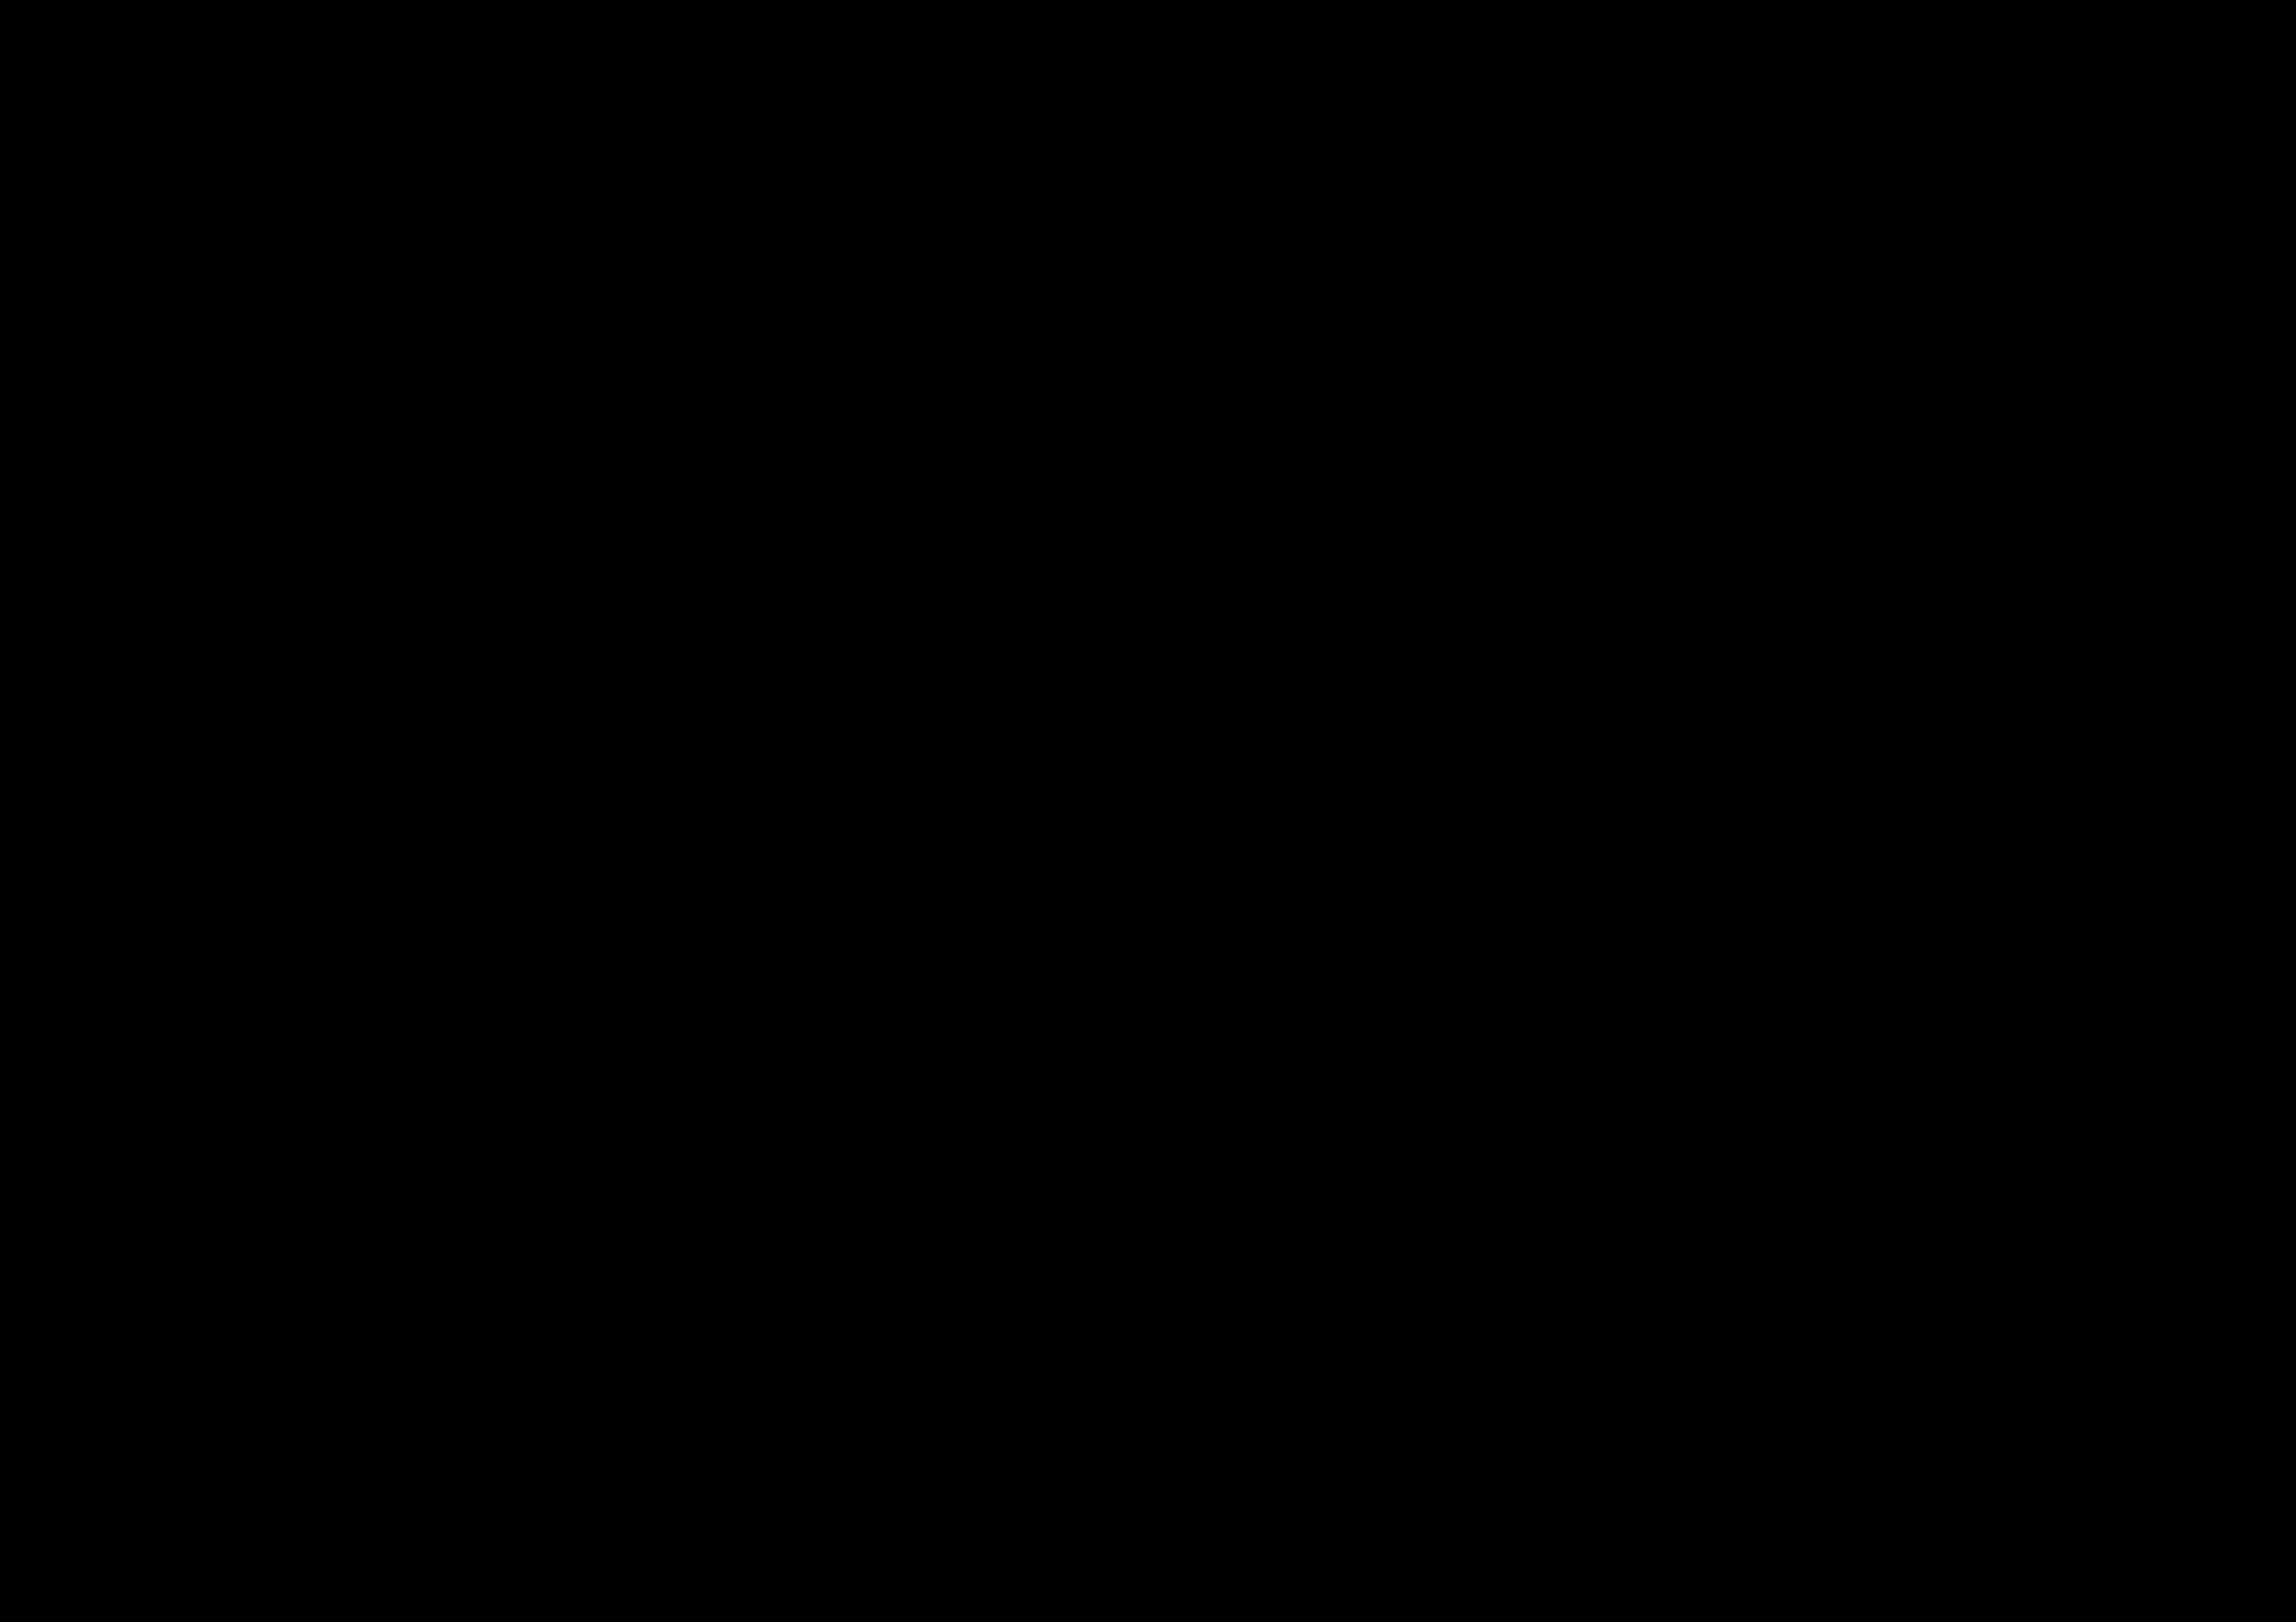 Caravan 1 - 'Domestic' VW Double Cab